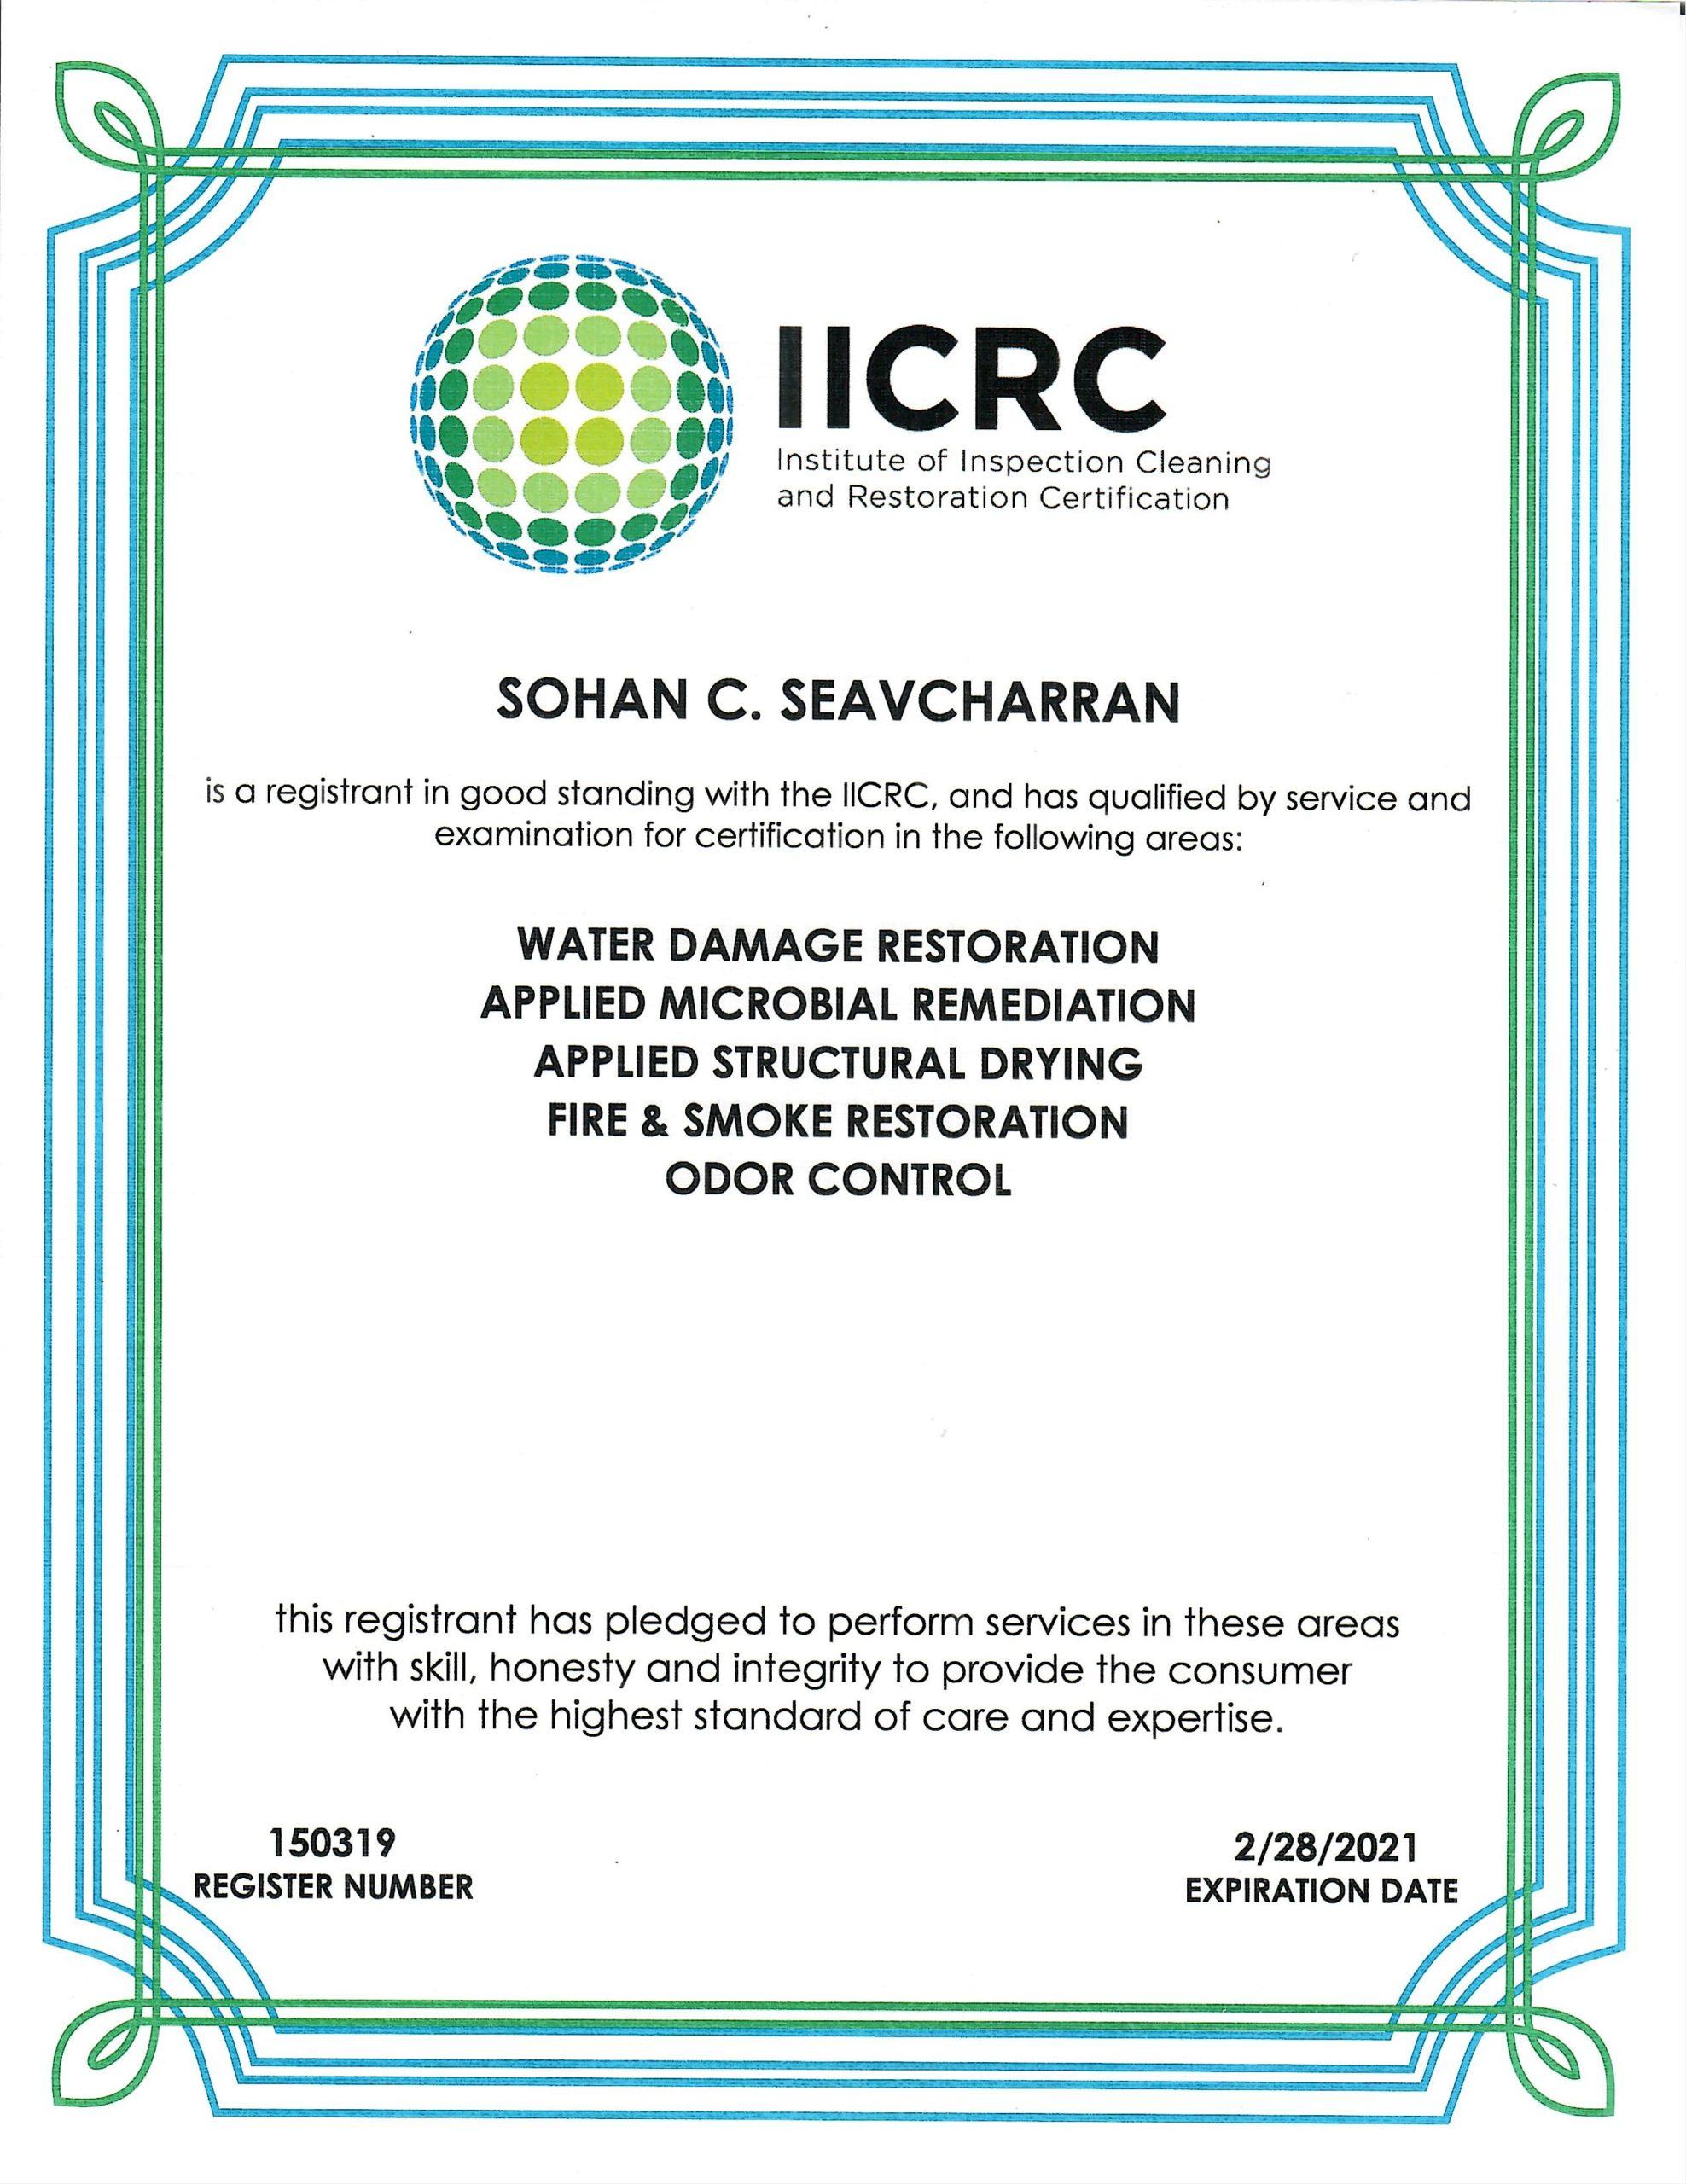 IICRC jpg file